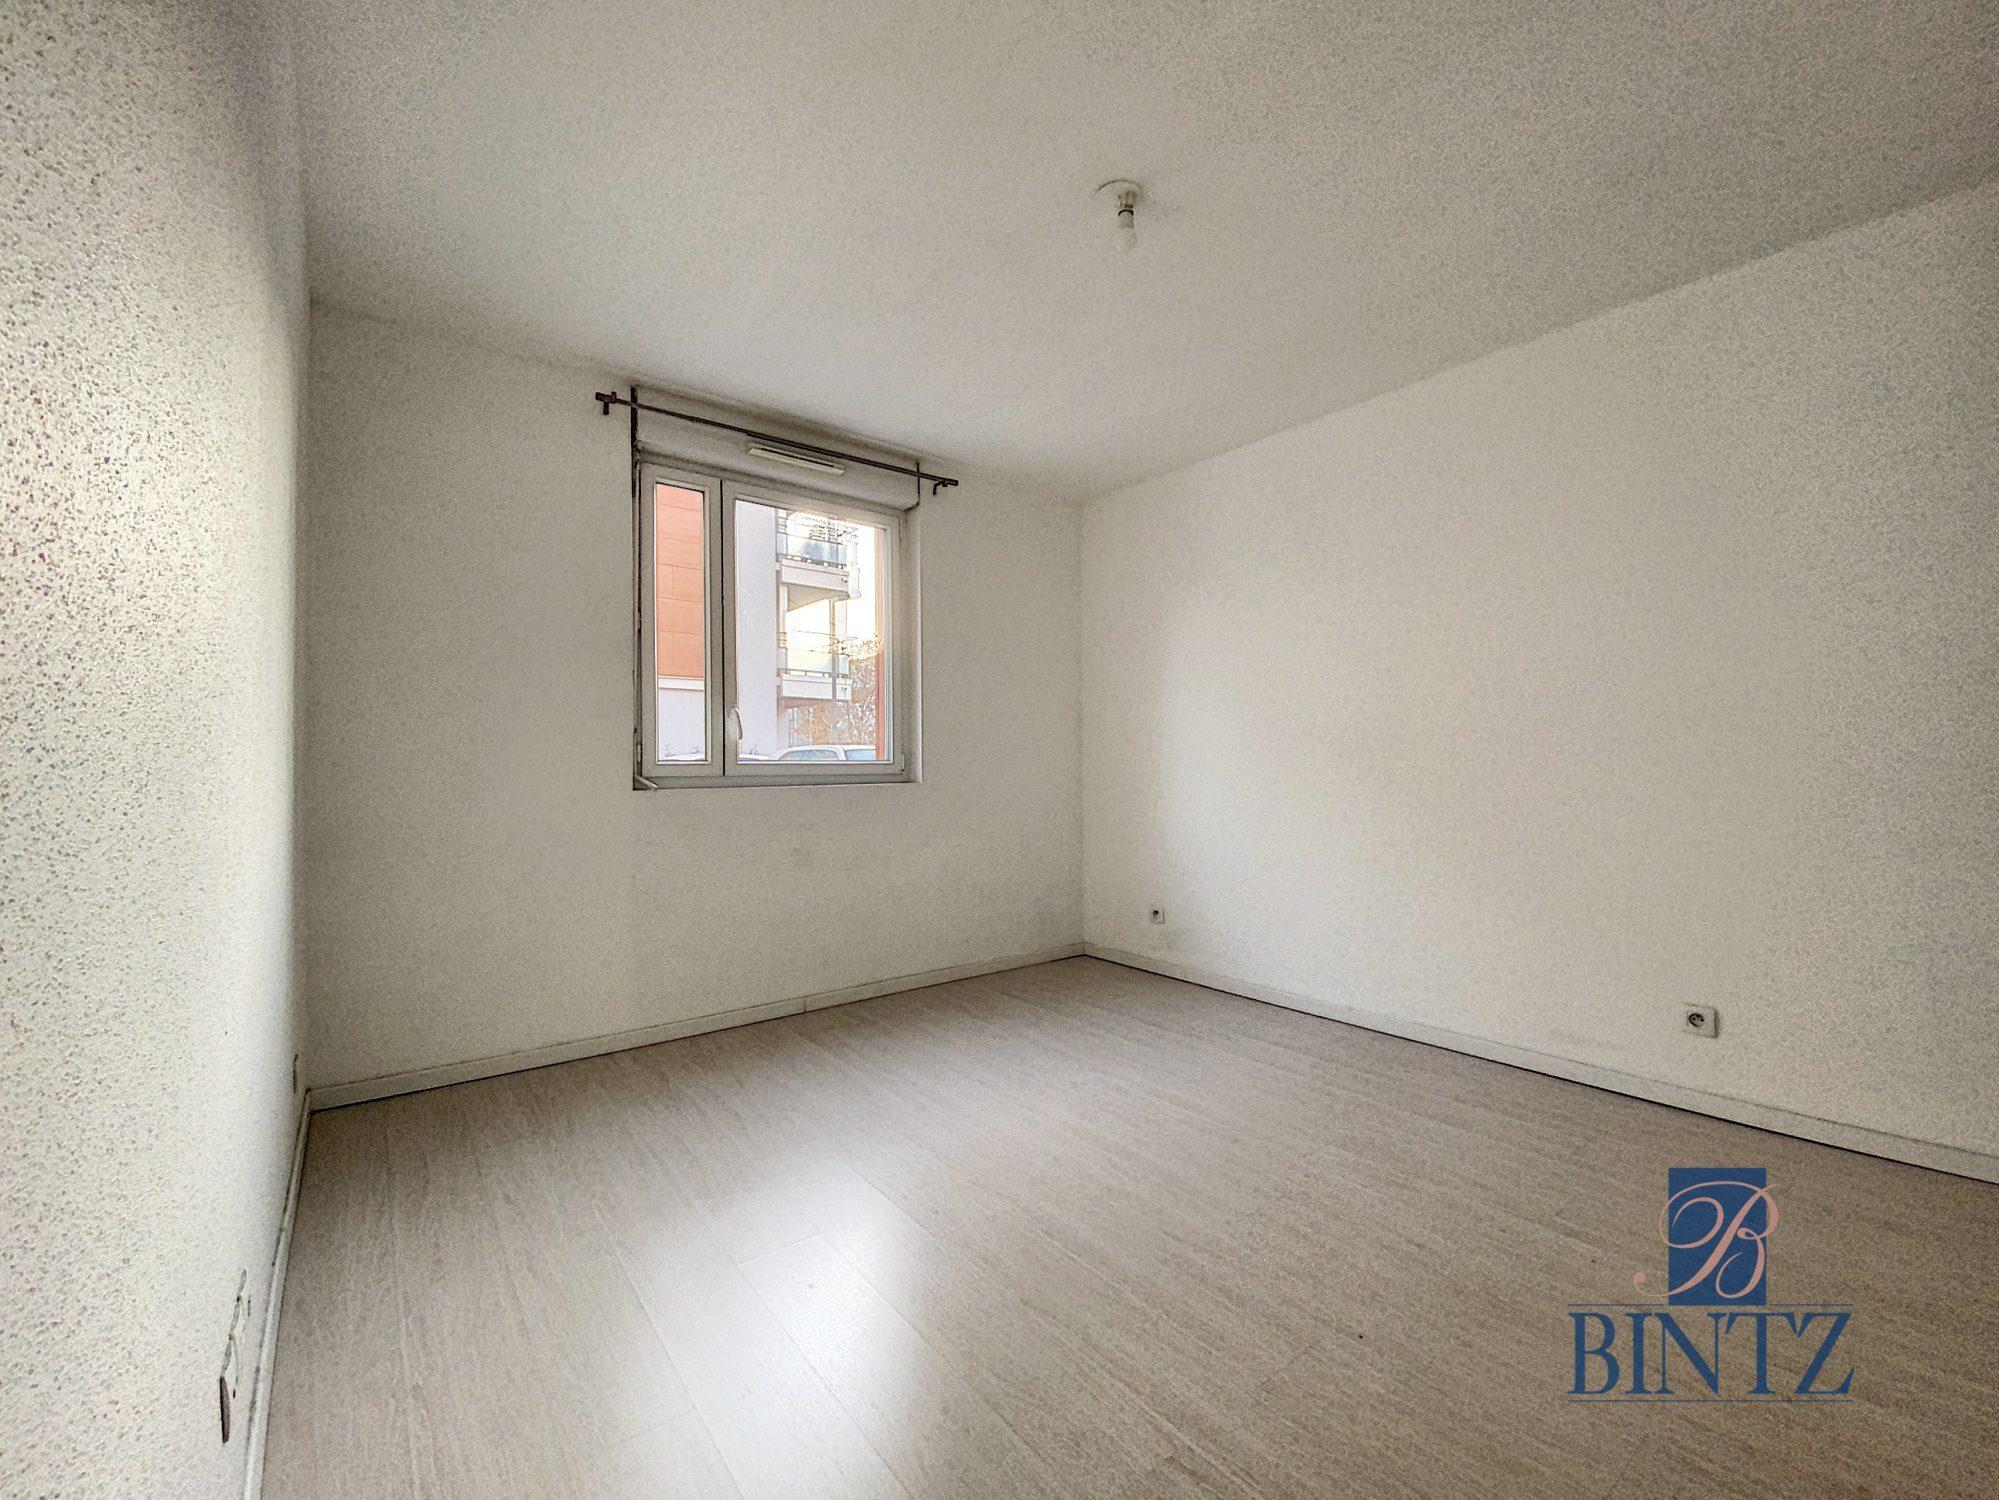 Idéal investisseur – 3 pièces rez-de-Jardin ECKBOLSHEIM - Devenez propriétaire en toute confiance - Bintz Immobilier - 7